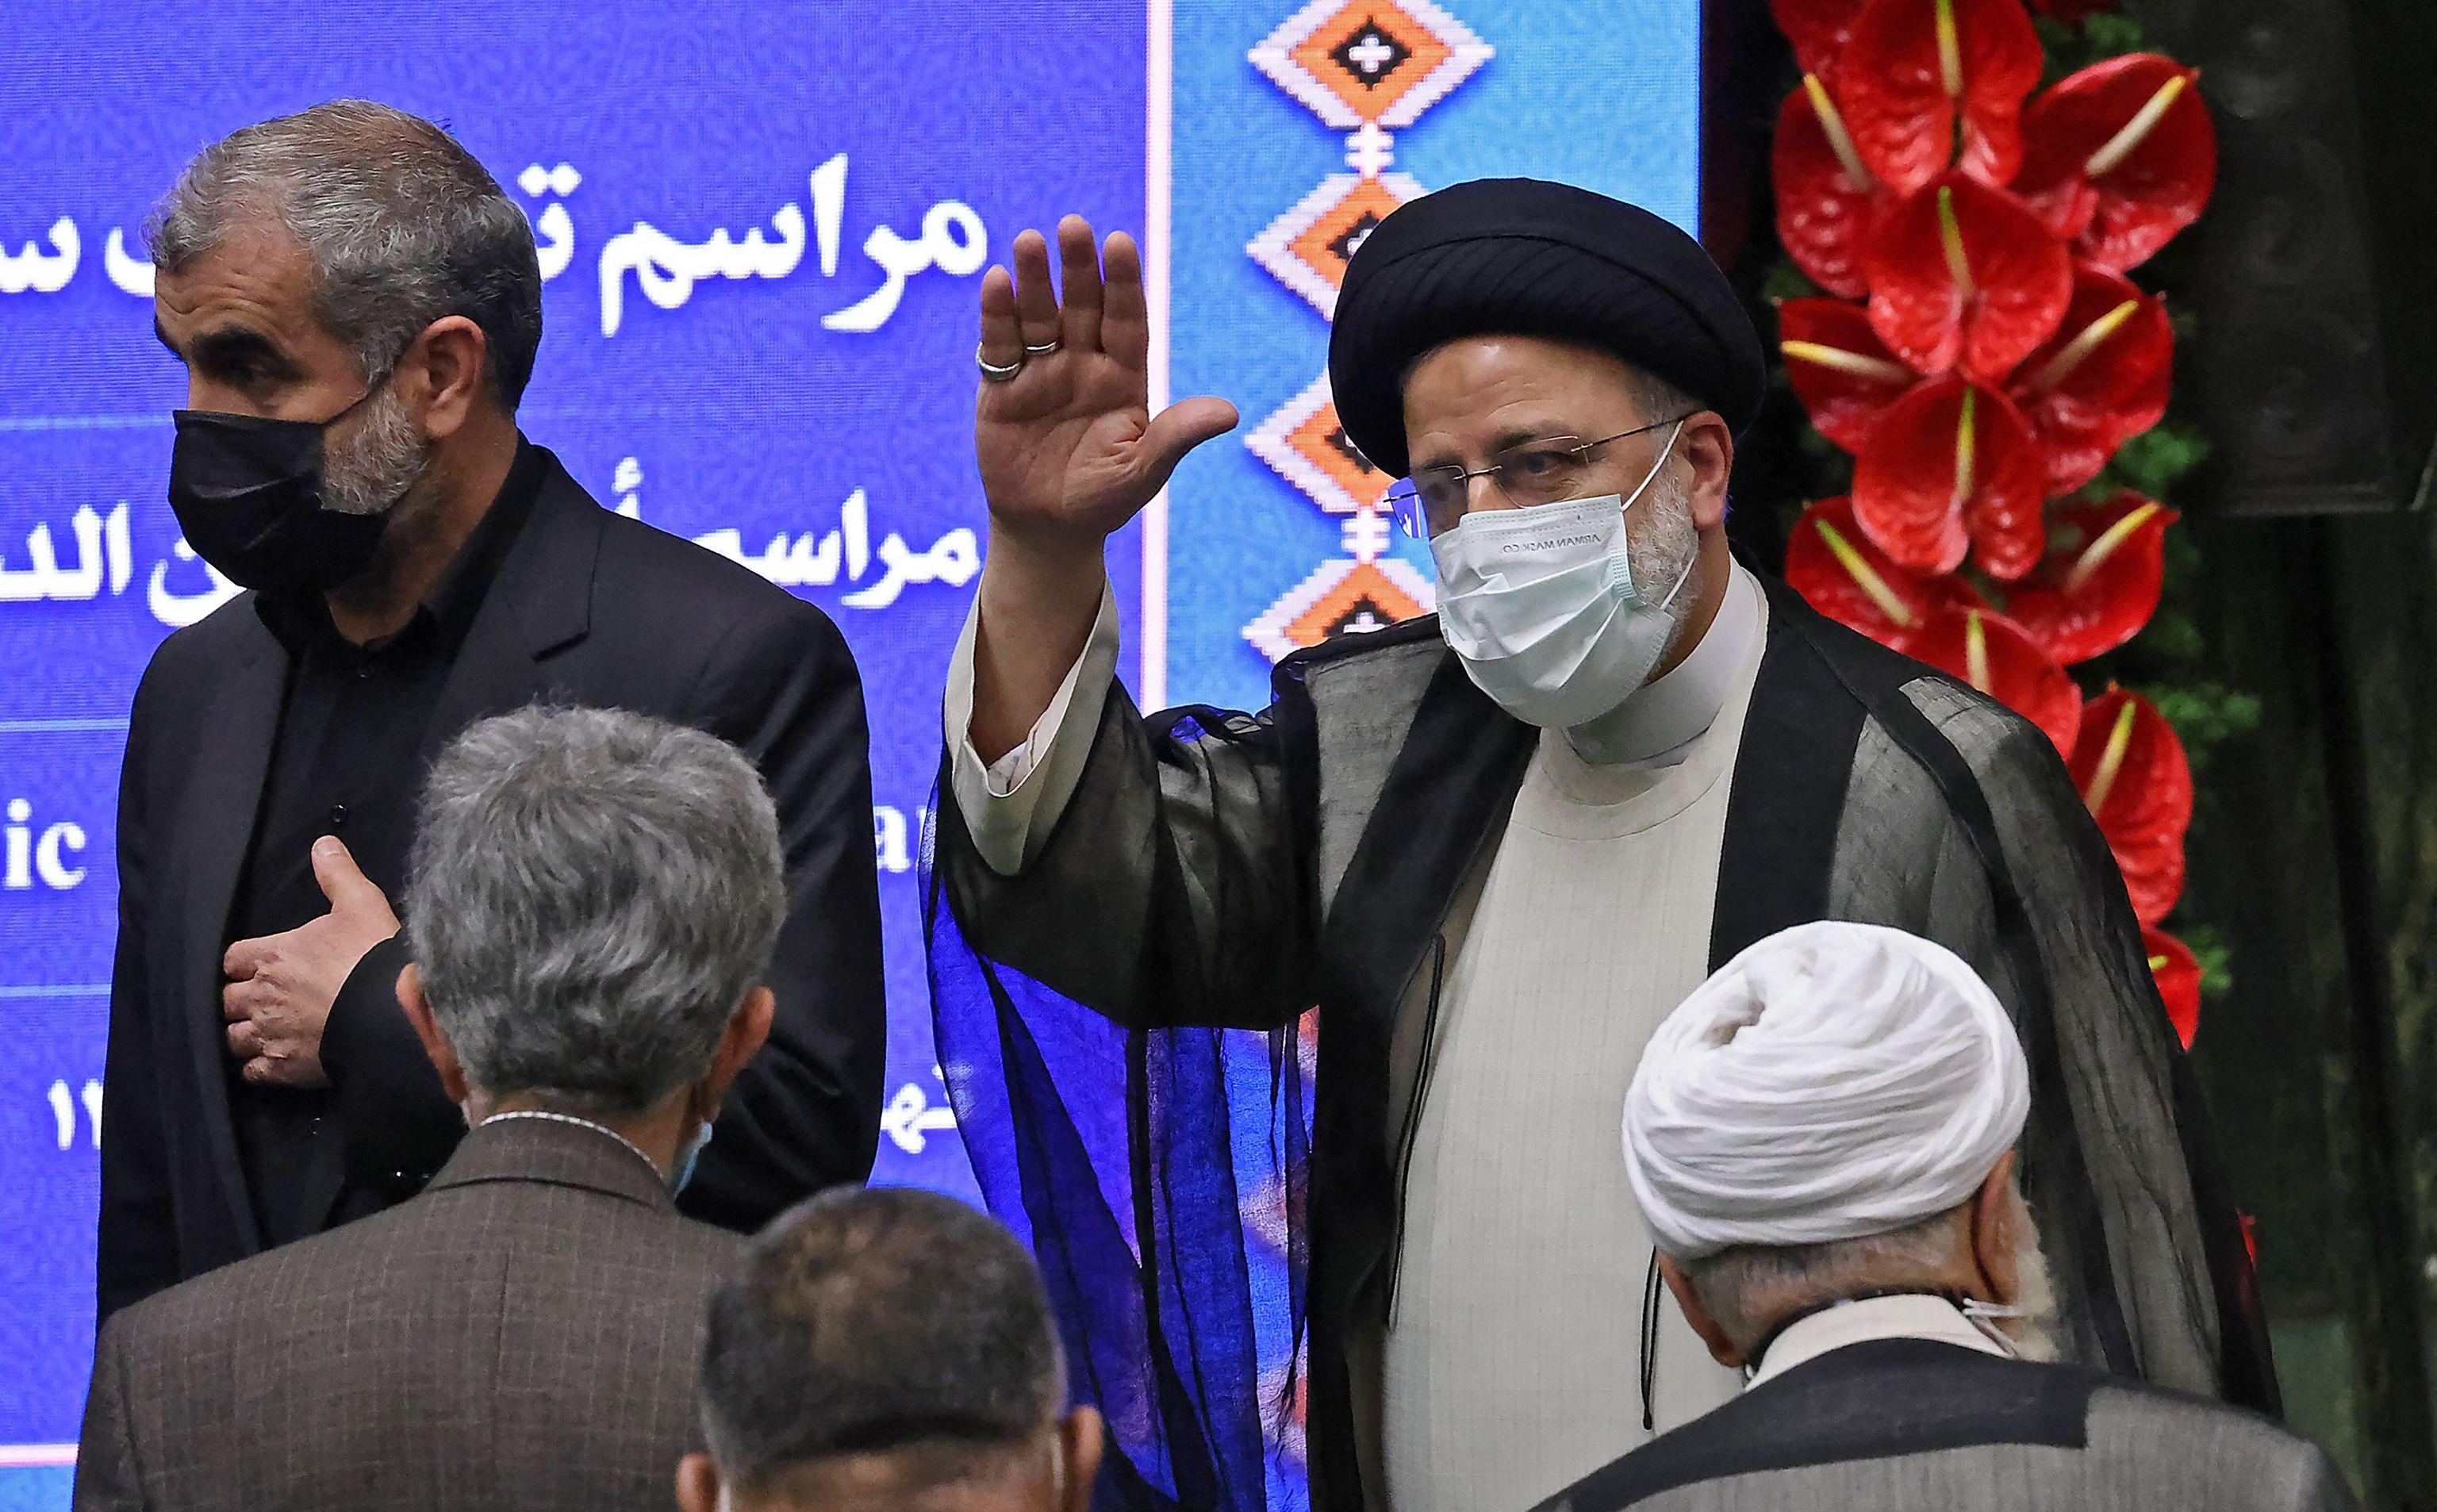 El nuevo presidente iraní, Ibrahim Raisi (derecha), en el juramento del cargo.